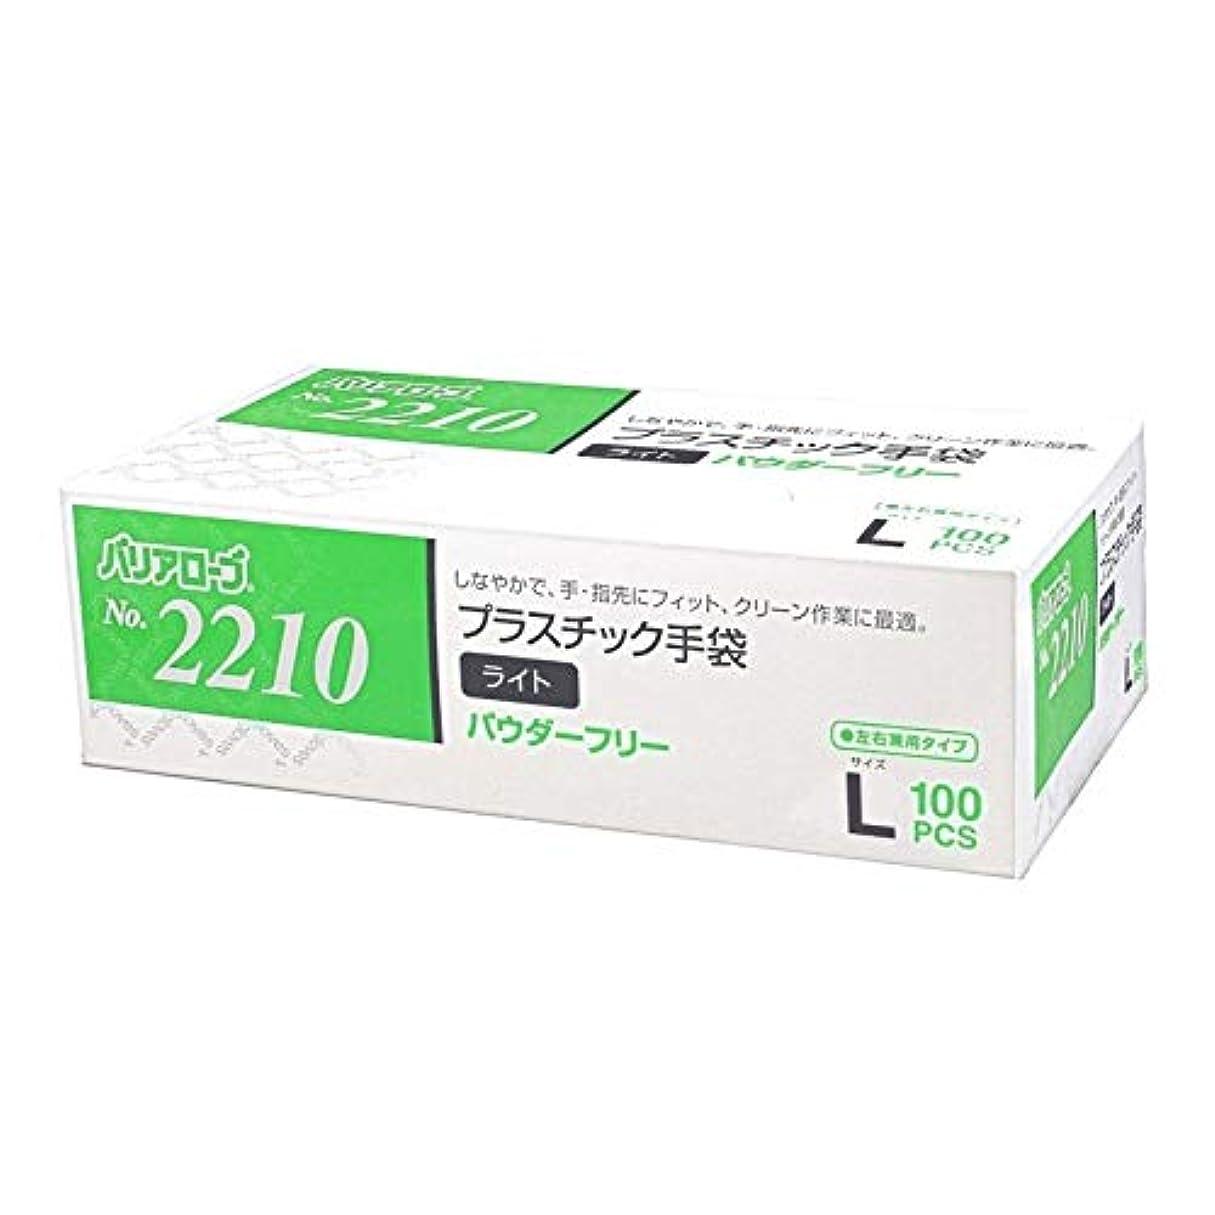 仮定する判定欠席【ケース販売】 バリアローブ №2210 プラスチック手袋 ライト (パウダーフリー) L 2000枚(100枚×20箱)